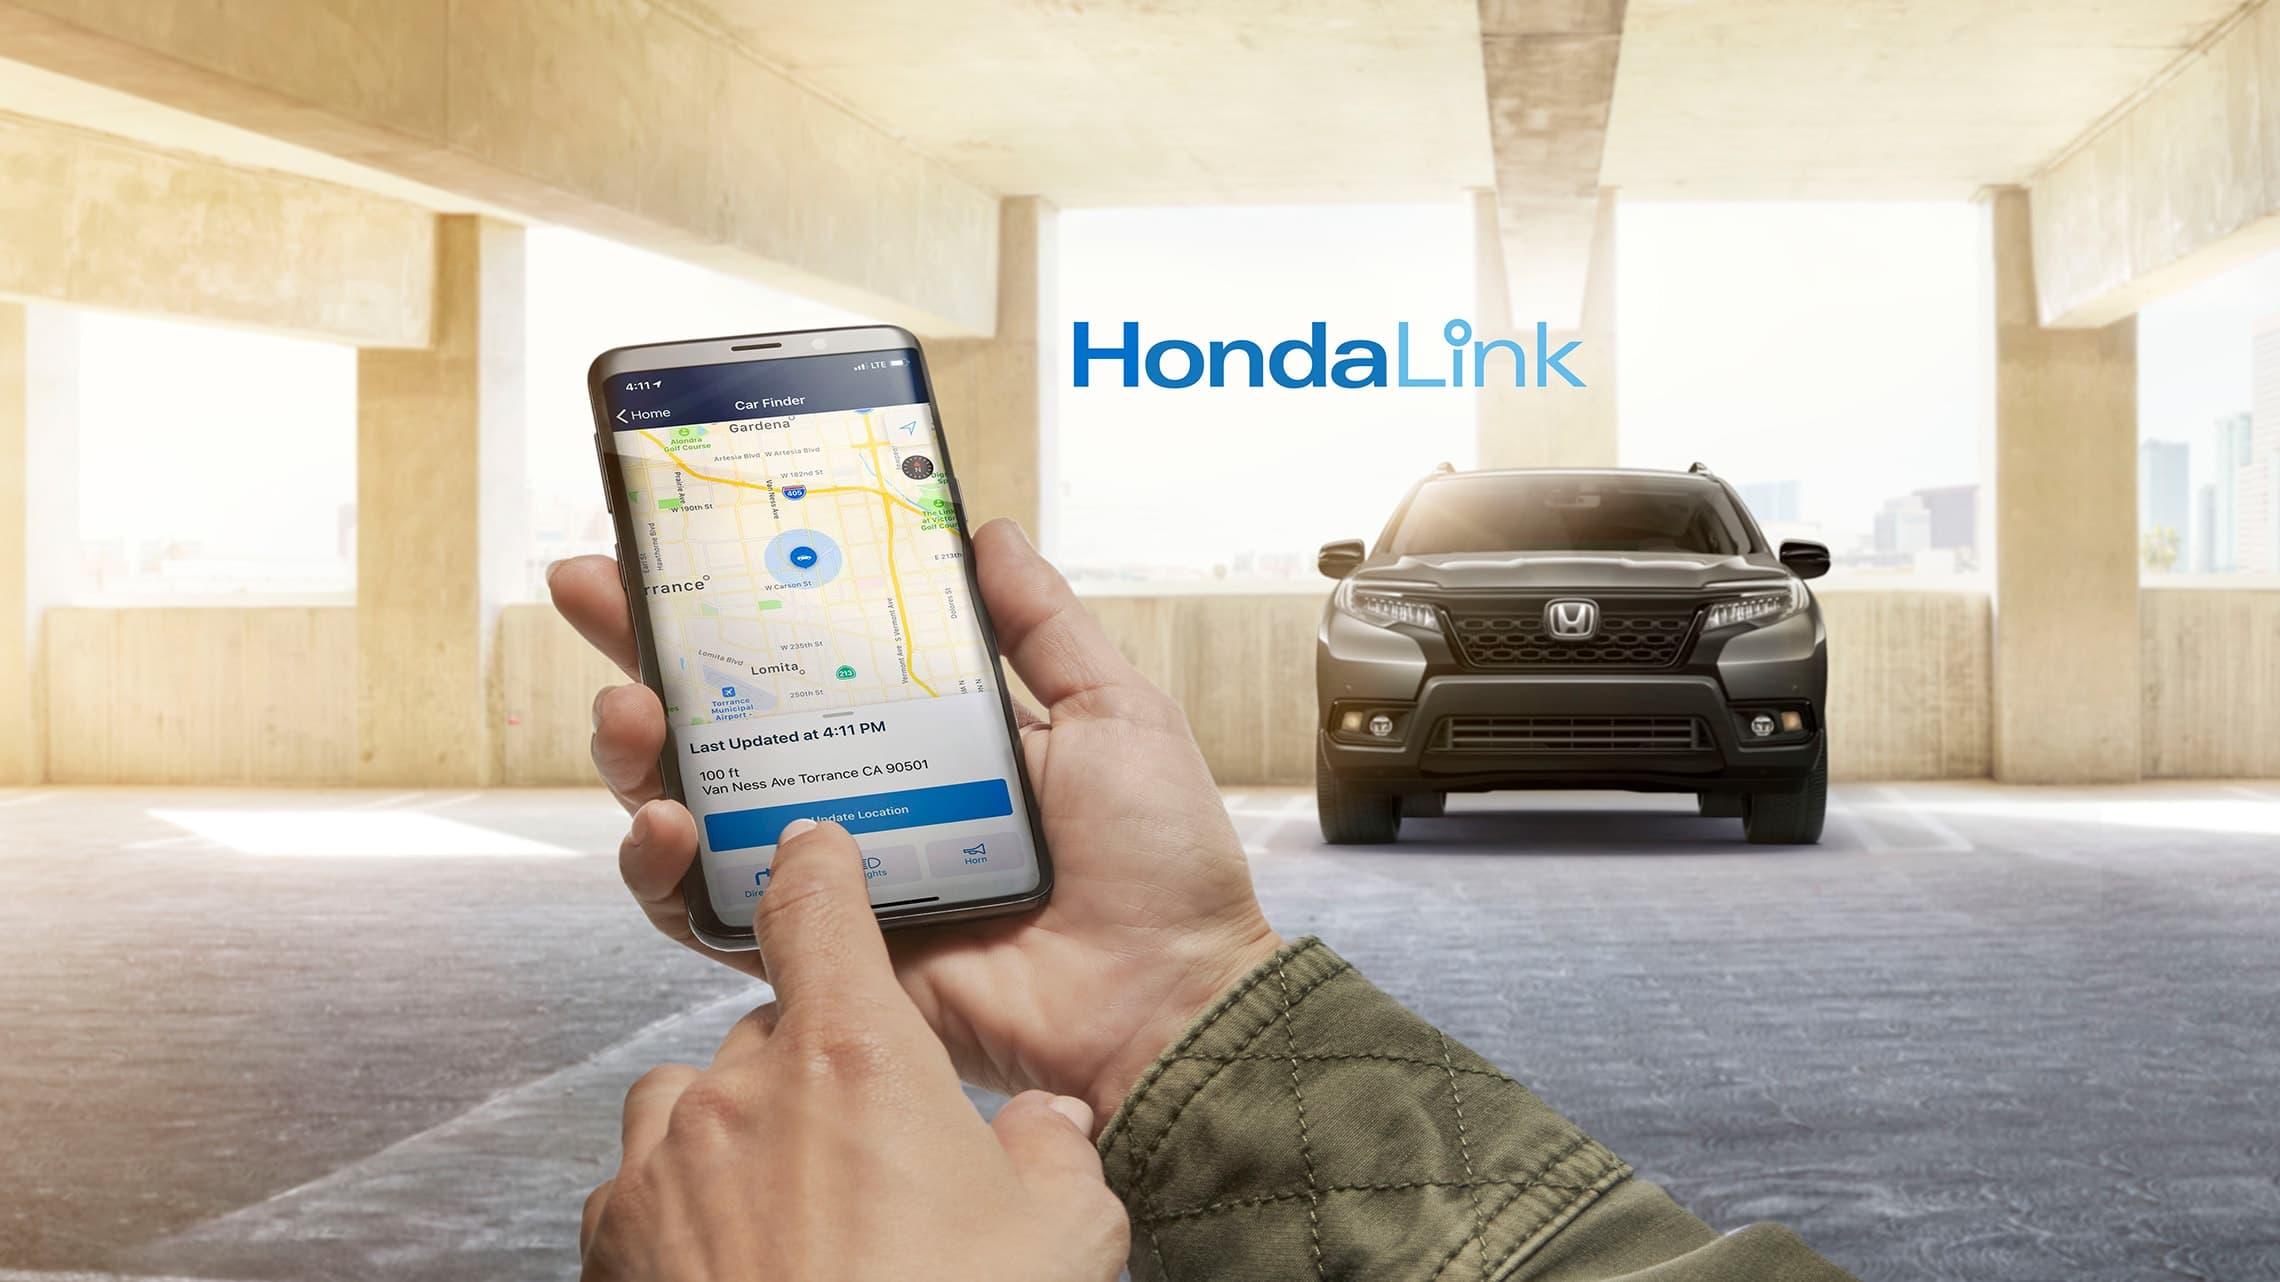 Detalle de demostración de la función HondaLink® en el teléfono móvil.